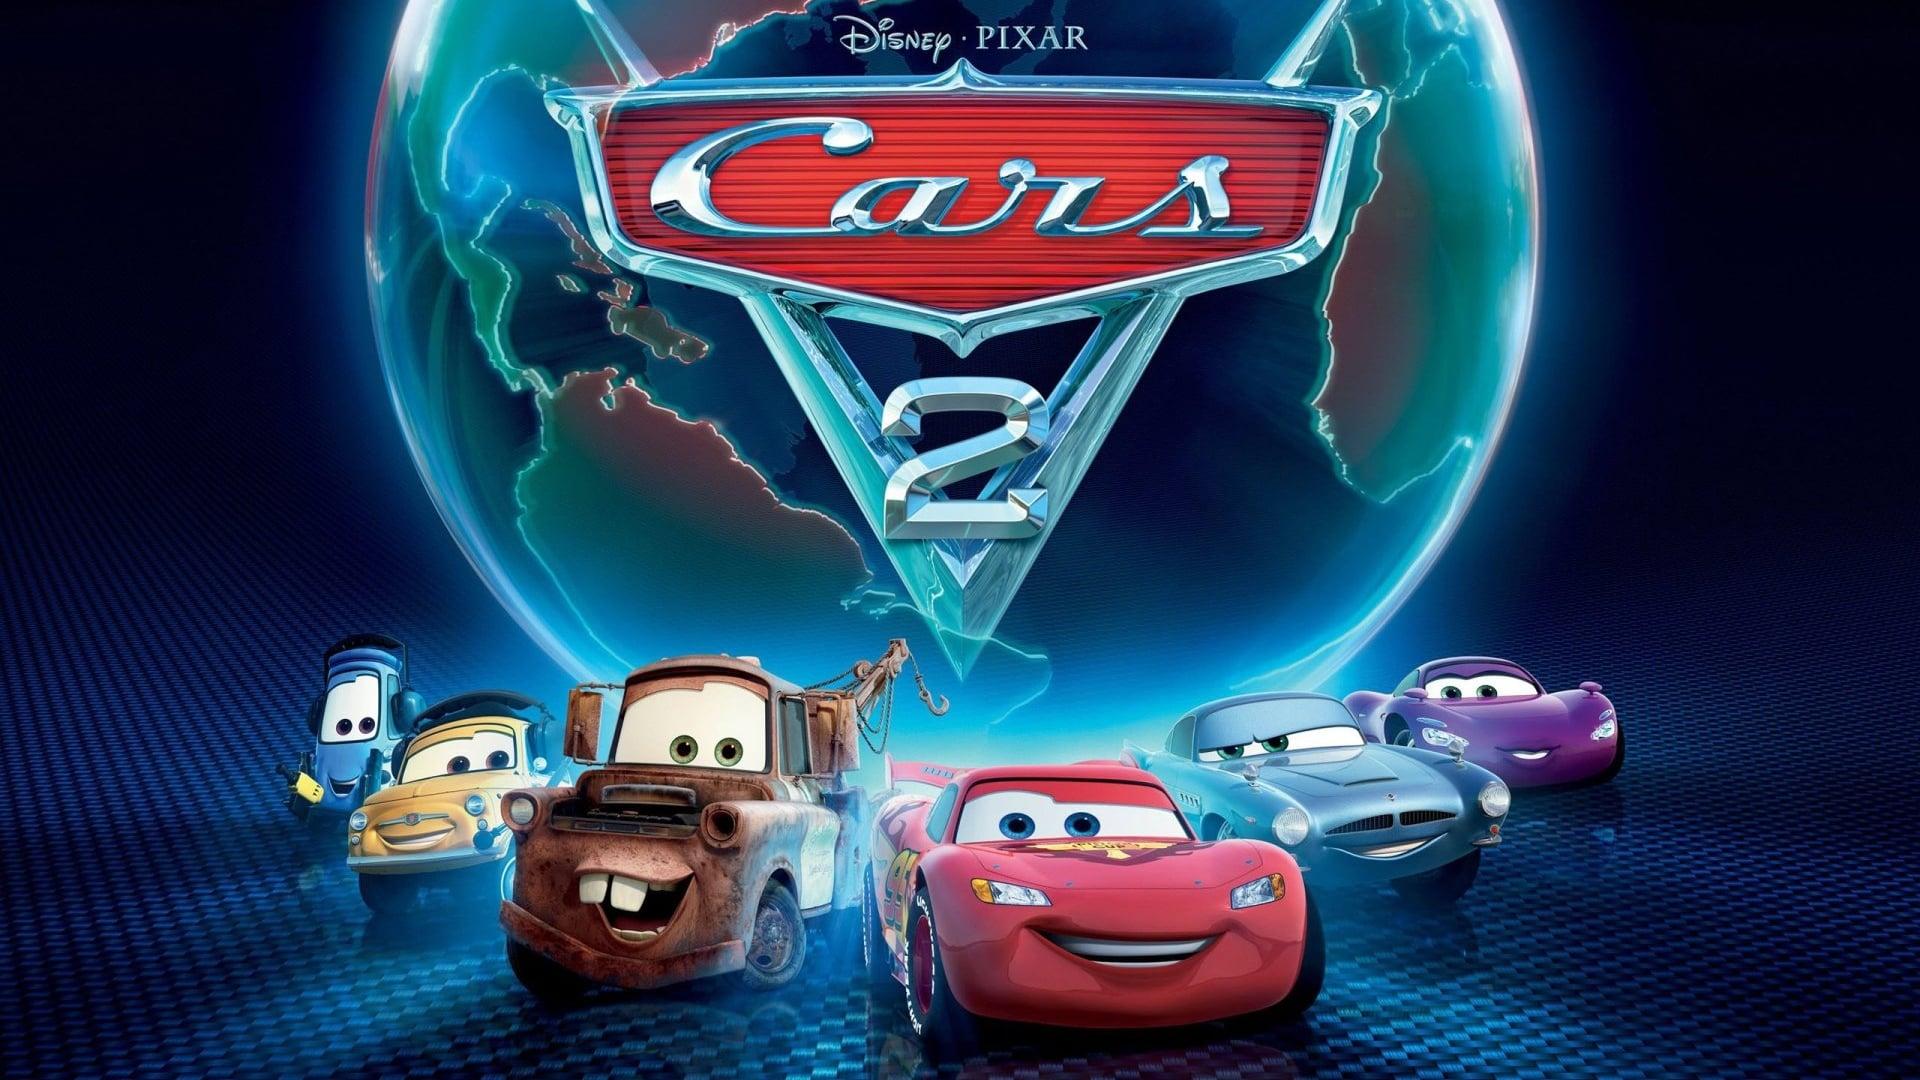 Αυτοκίνητα 2 (2011)